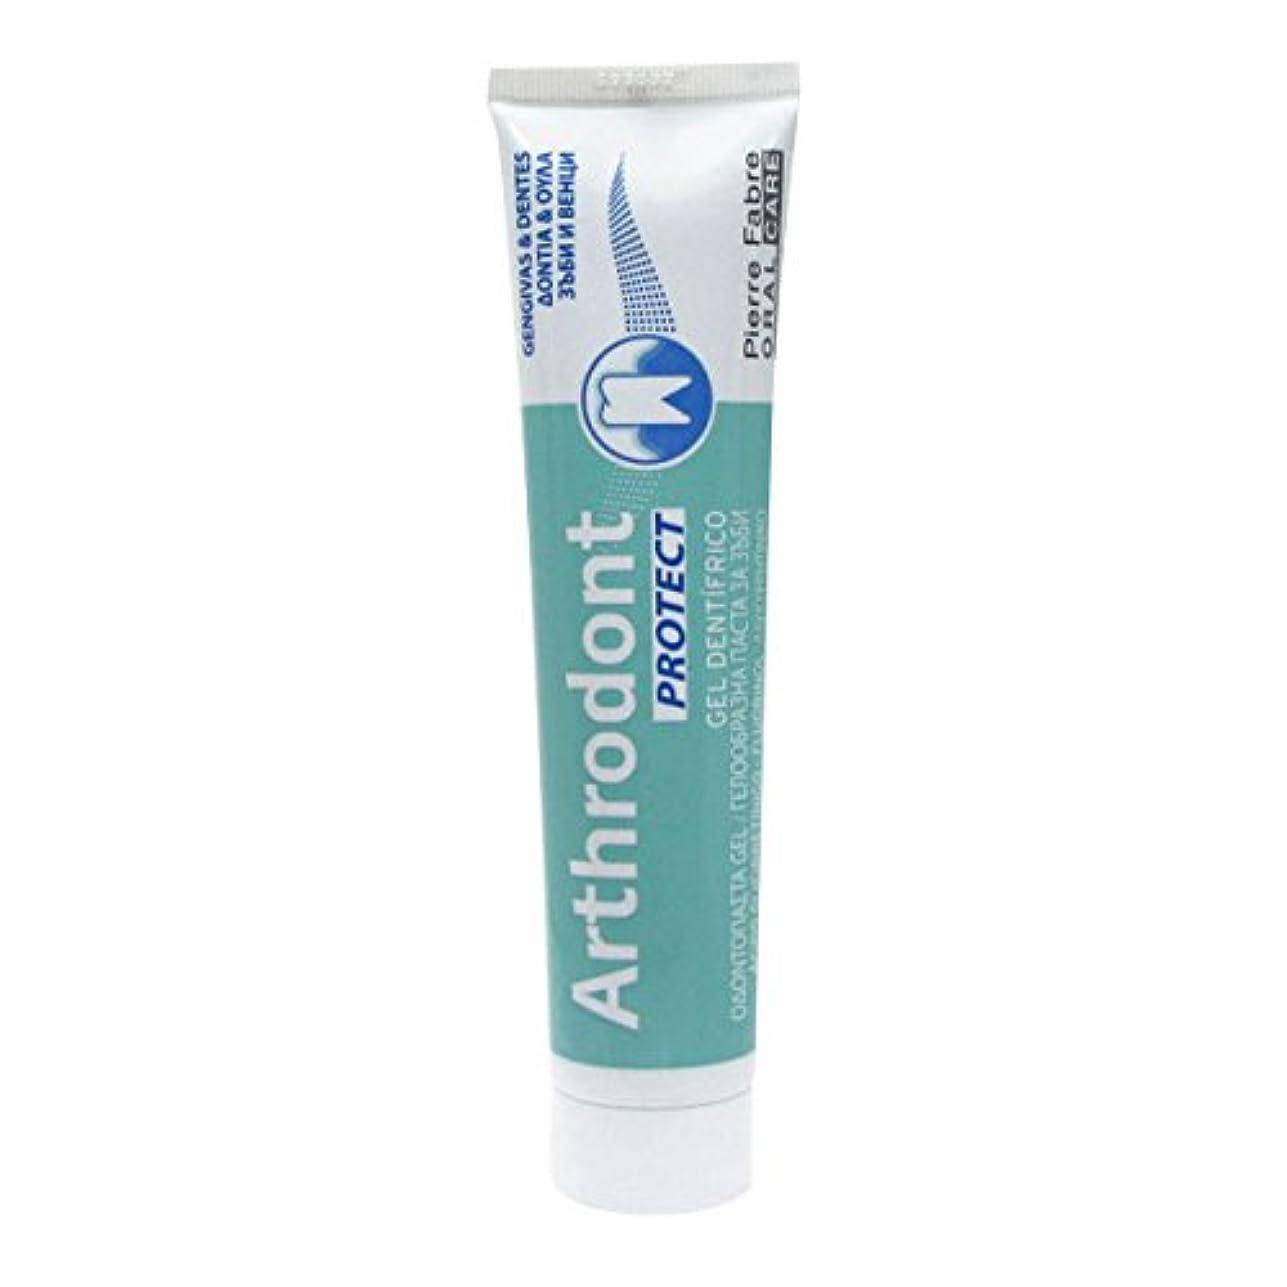 建築家ゲスト最高Arthrodont Protect Teeth And Gums Gel 75ml [並行輸入品]